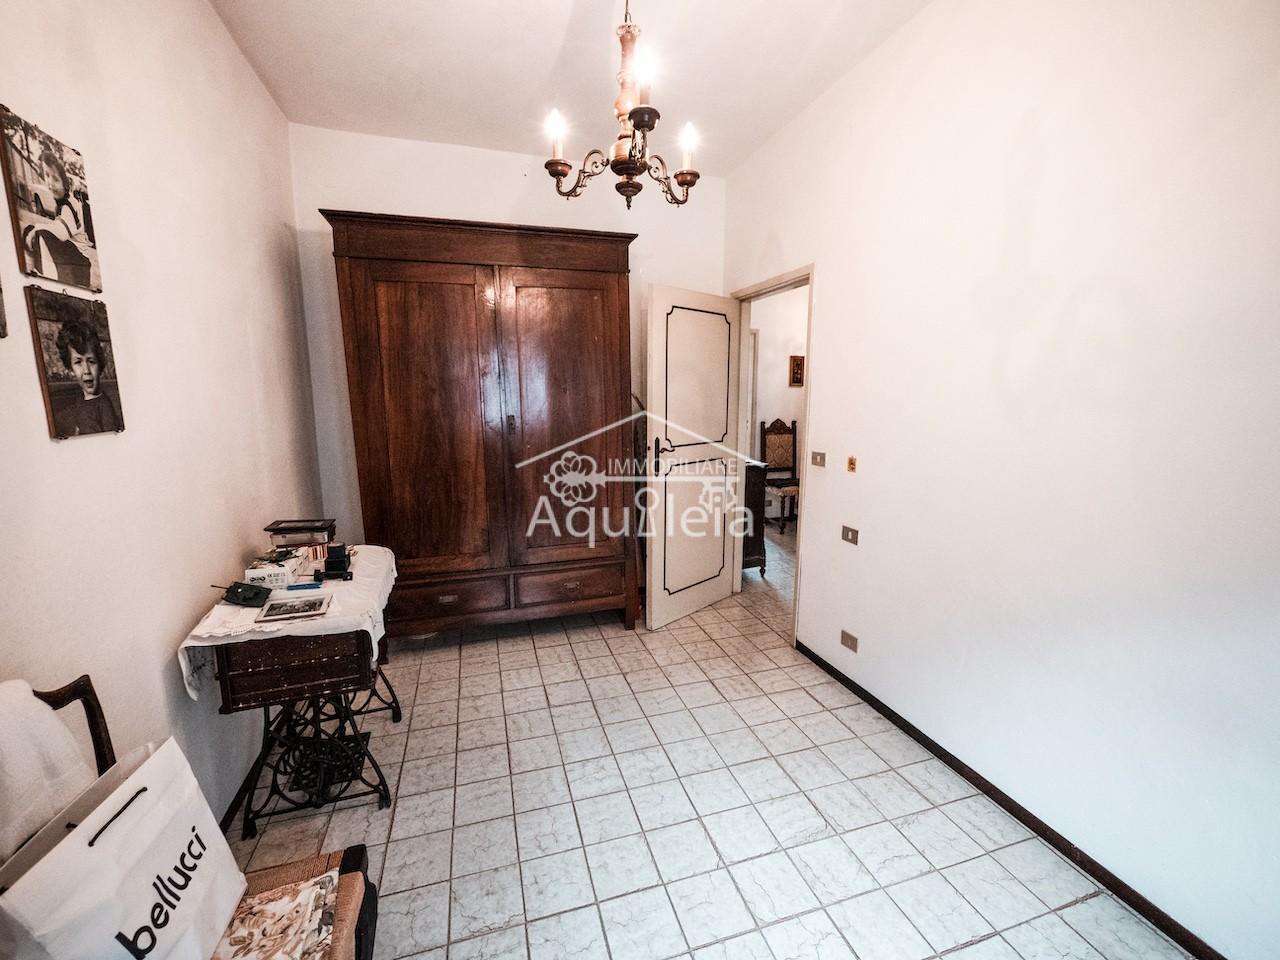 Appartamento in vendita, rif. AQ 1645